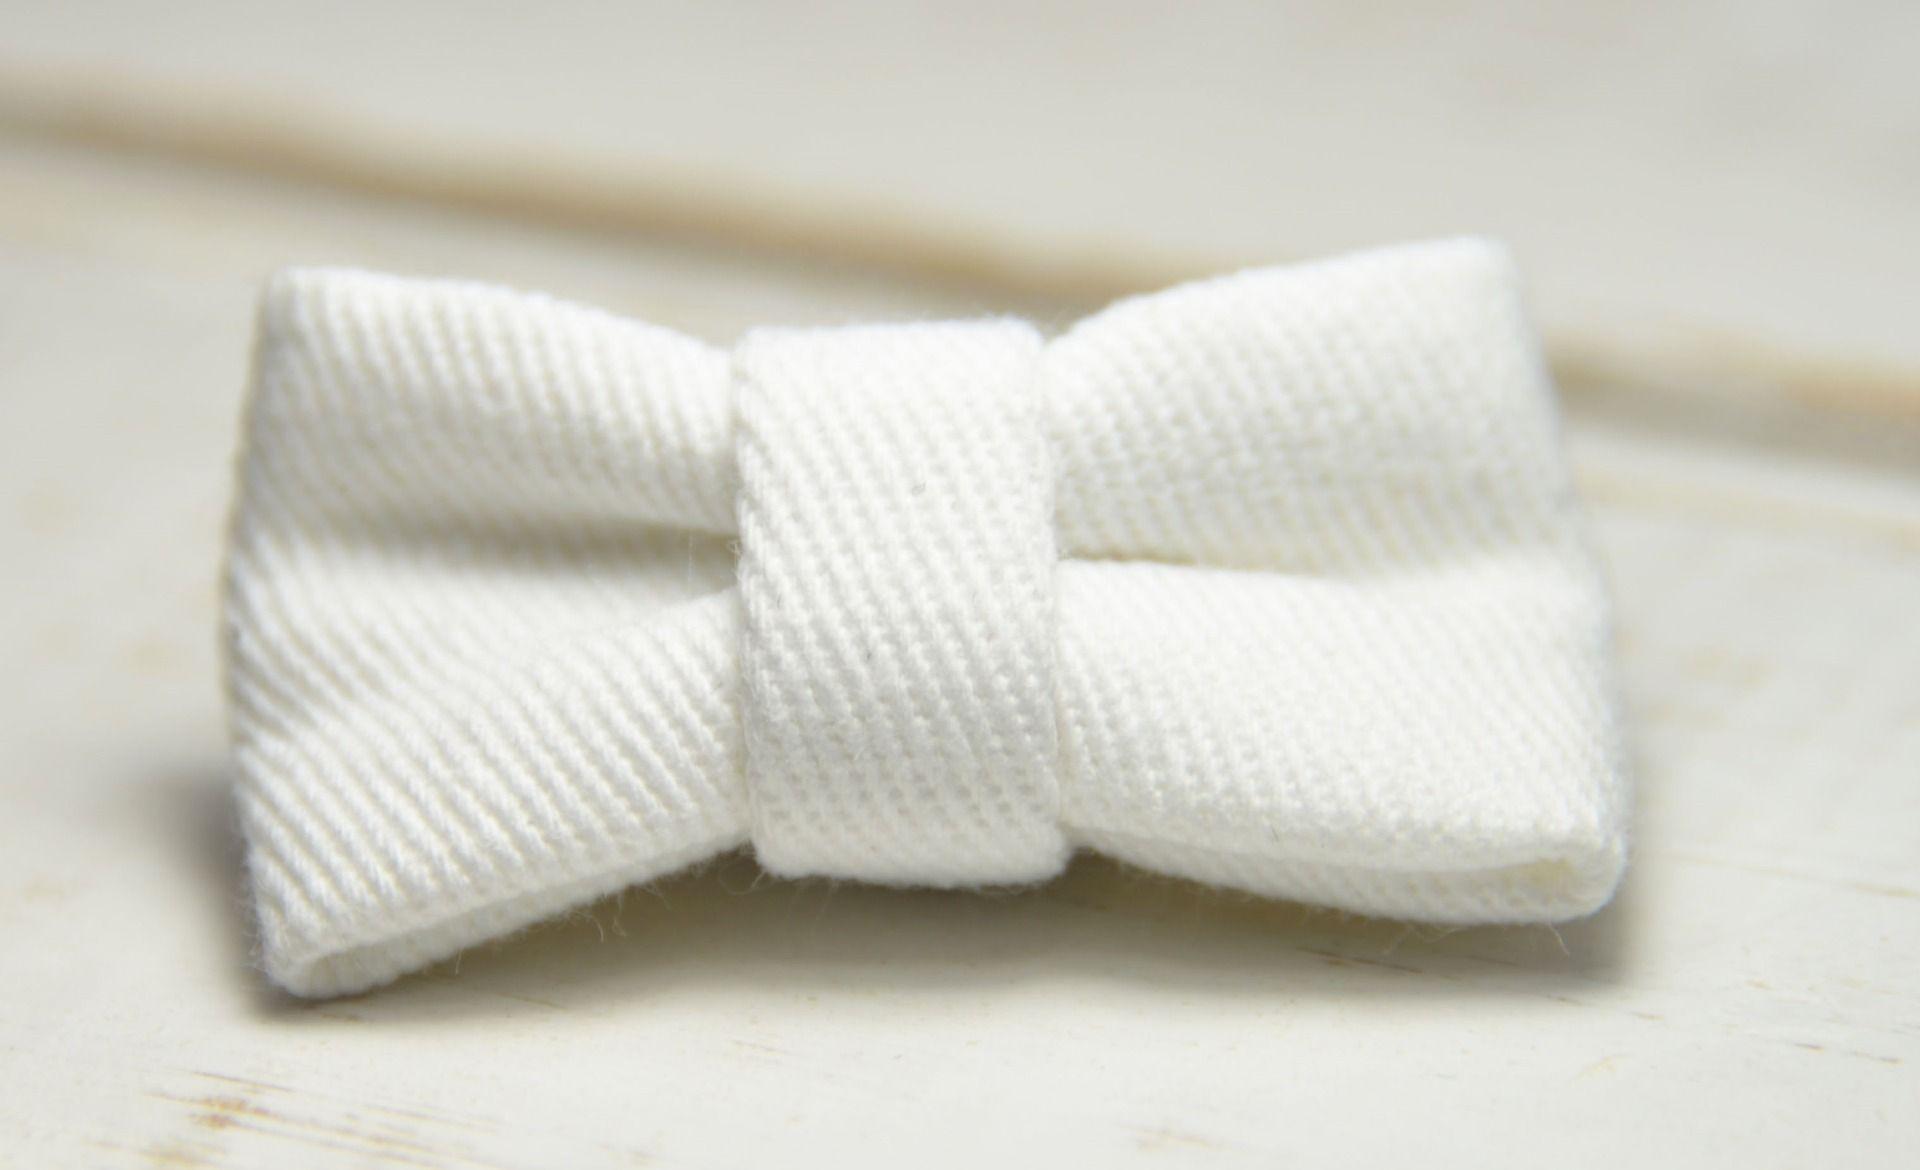 Barrette bébé clic-clac petit nœud / blanche : Accessoires coiffure par noeud-vous-deplaise